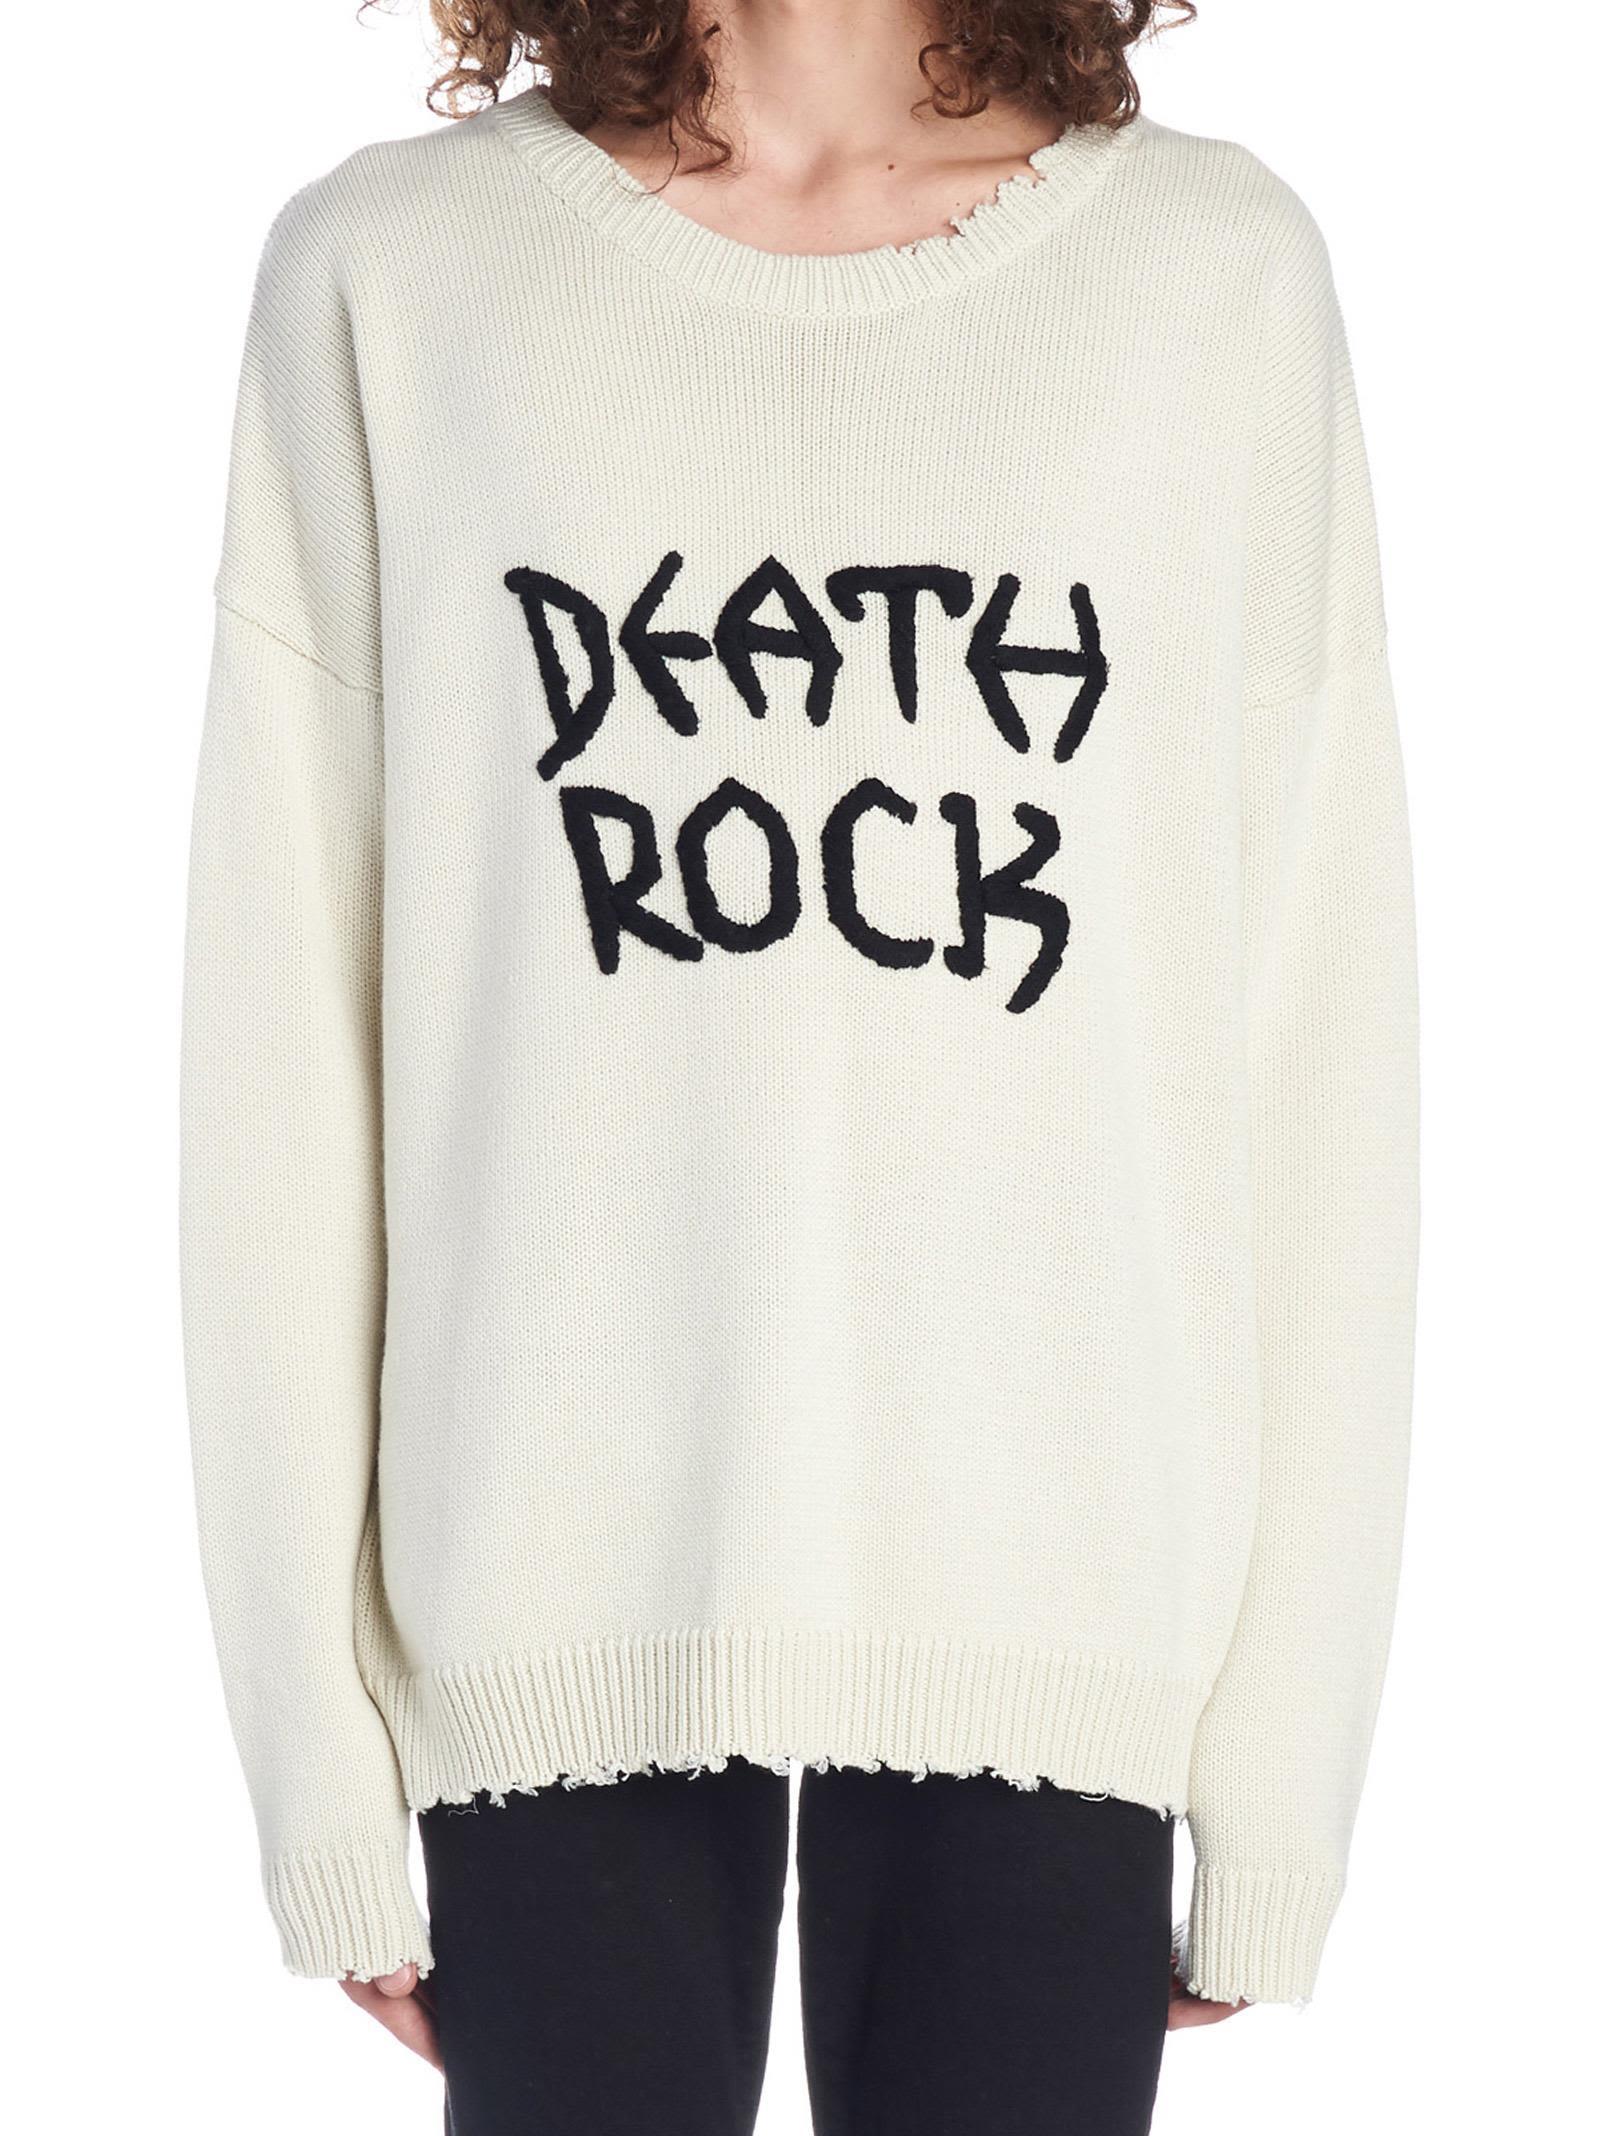 GARCONS INFIDELES 'Death Rock' Sweater in Beige